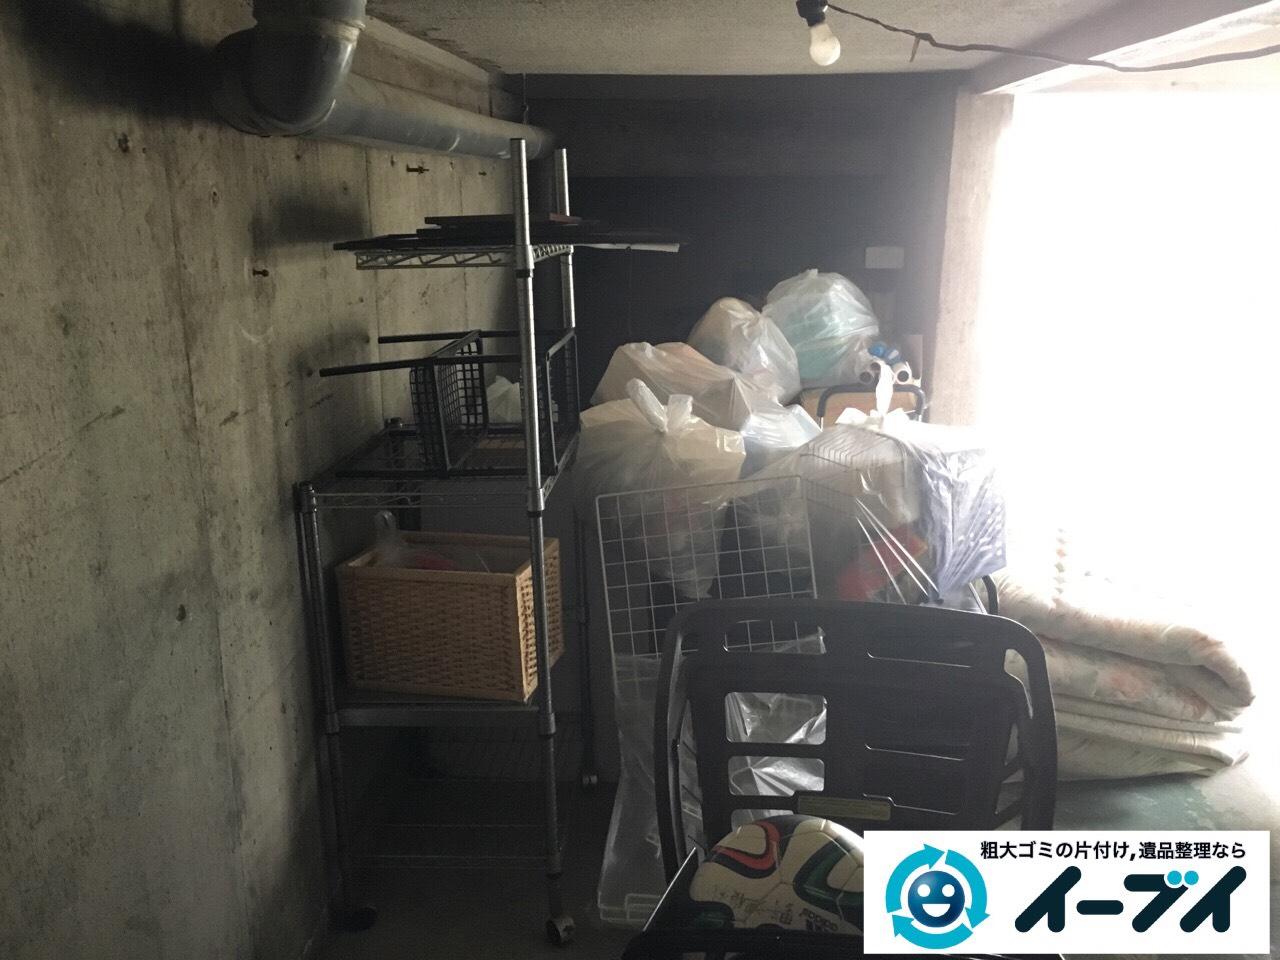 2017年2月17日大阪府藤井寺市でガレージの廃品や生活ゴミや粗大ゴミの処分をしました。写真4